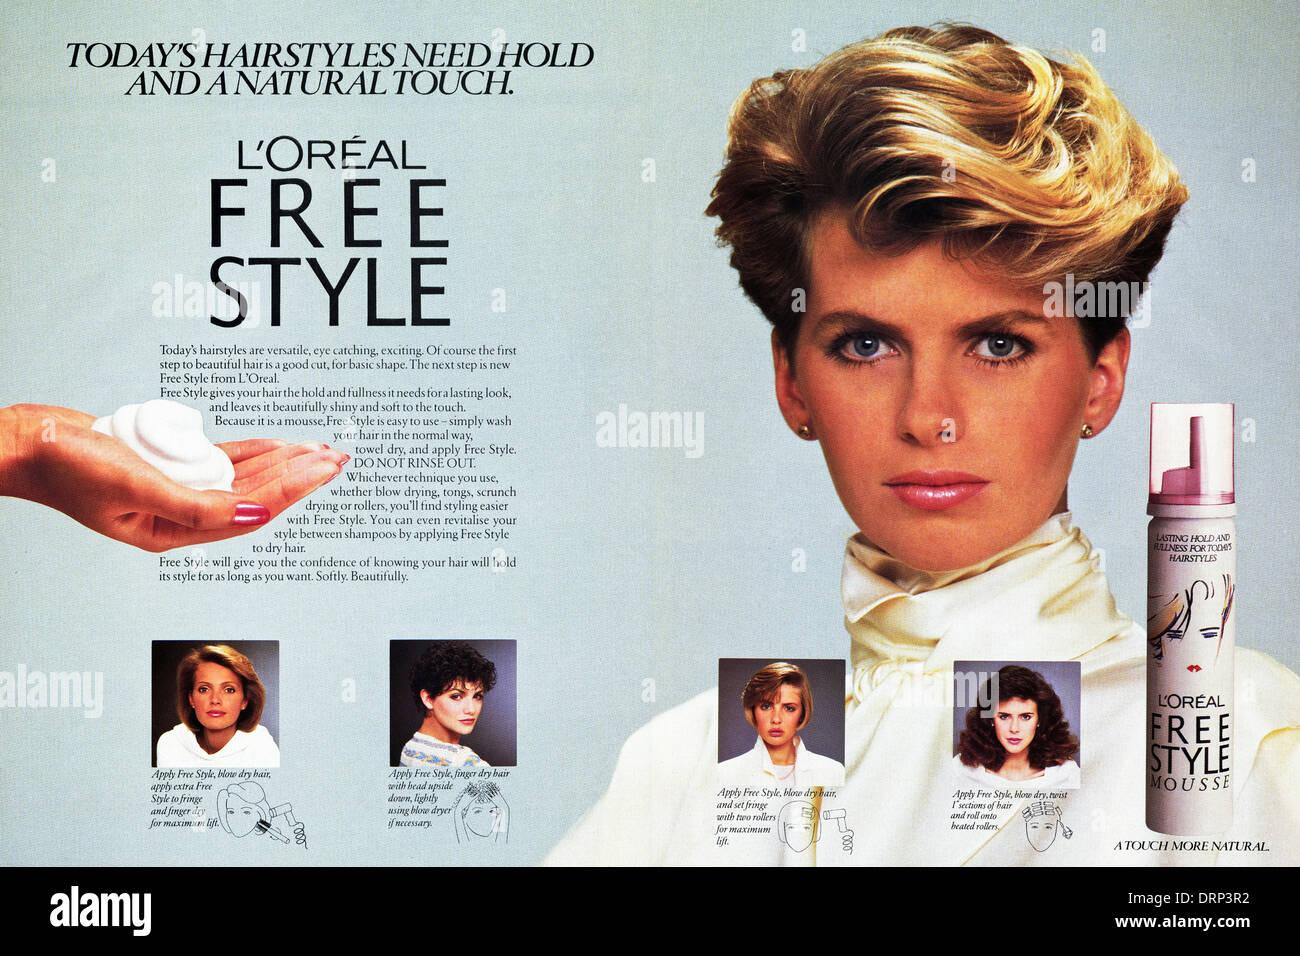 1980 magazine de mode double page publicitaire L'OREAL MOUSSE DE STYLE LIBRE pour les cheveux, une pub vers 1983 Photo Stock